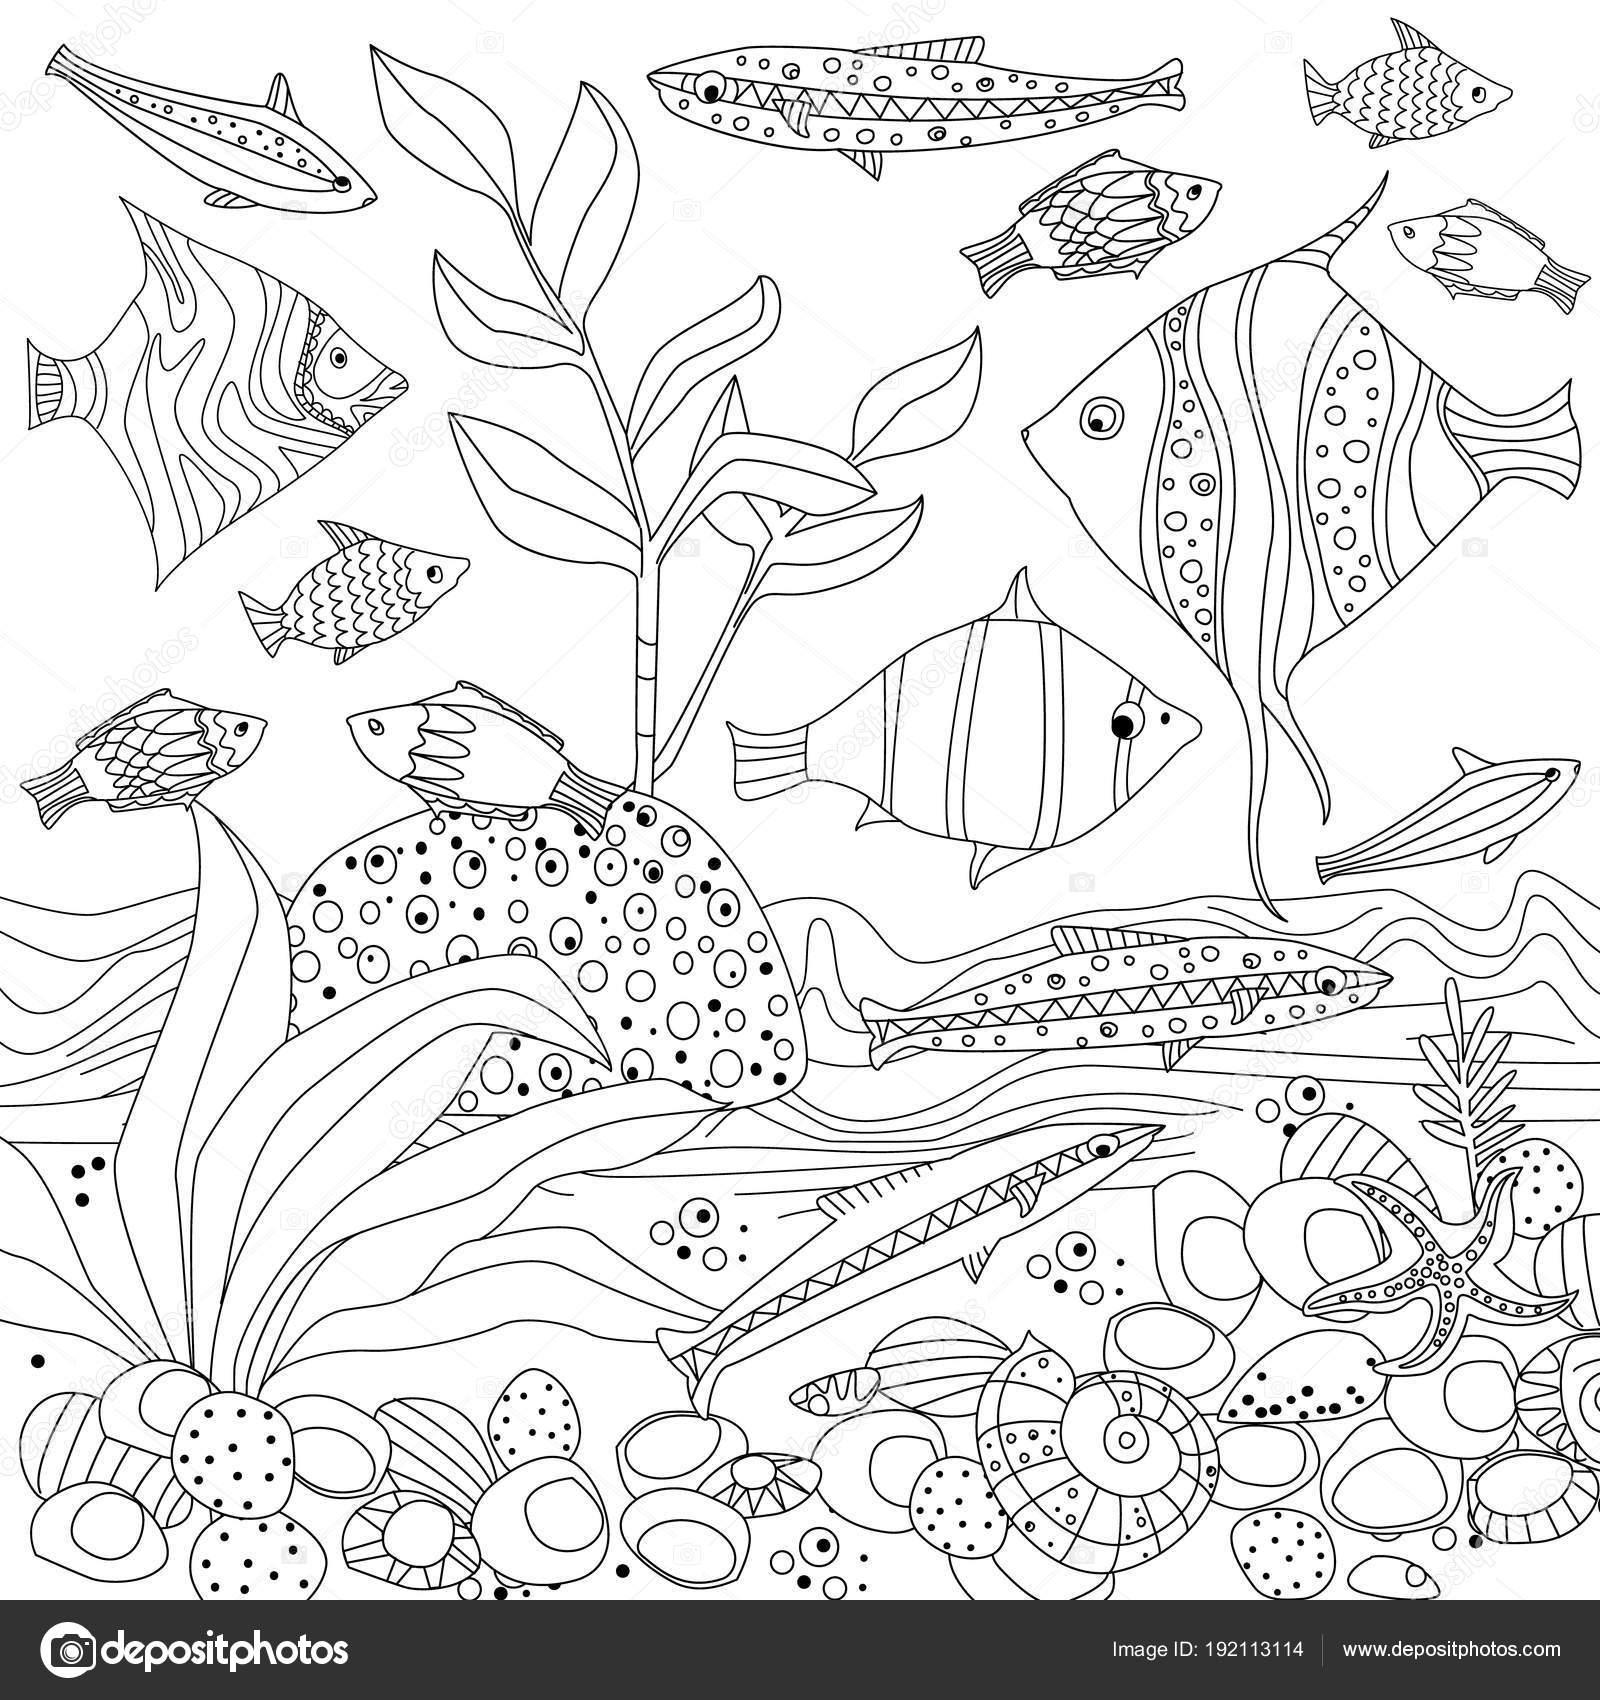 装飾的な魚と海藻 塗り絵用のベクター イラスト デザイン ストック